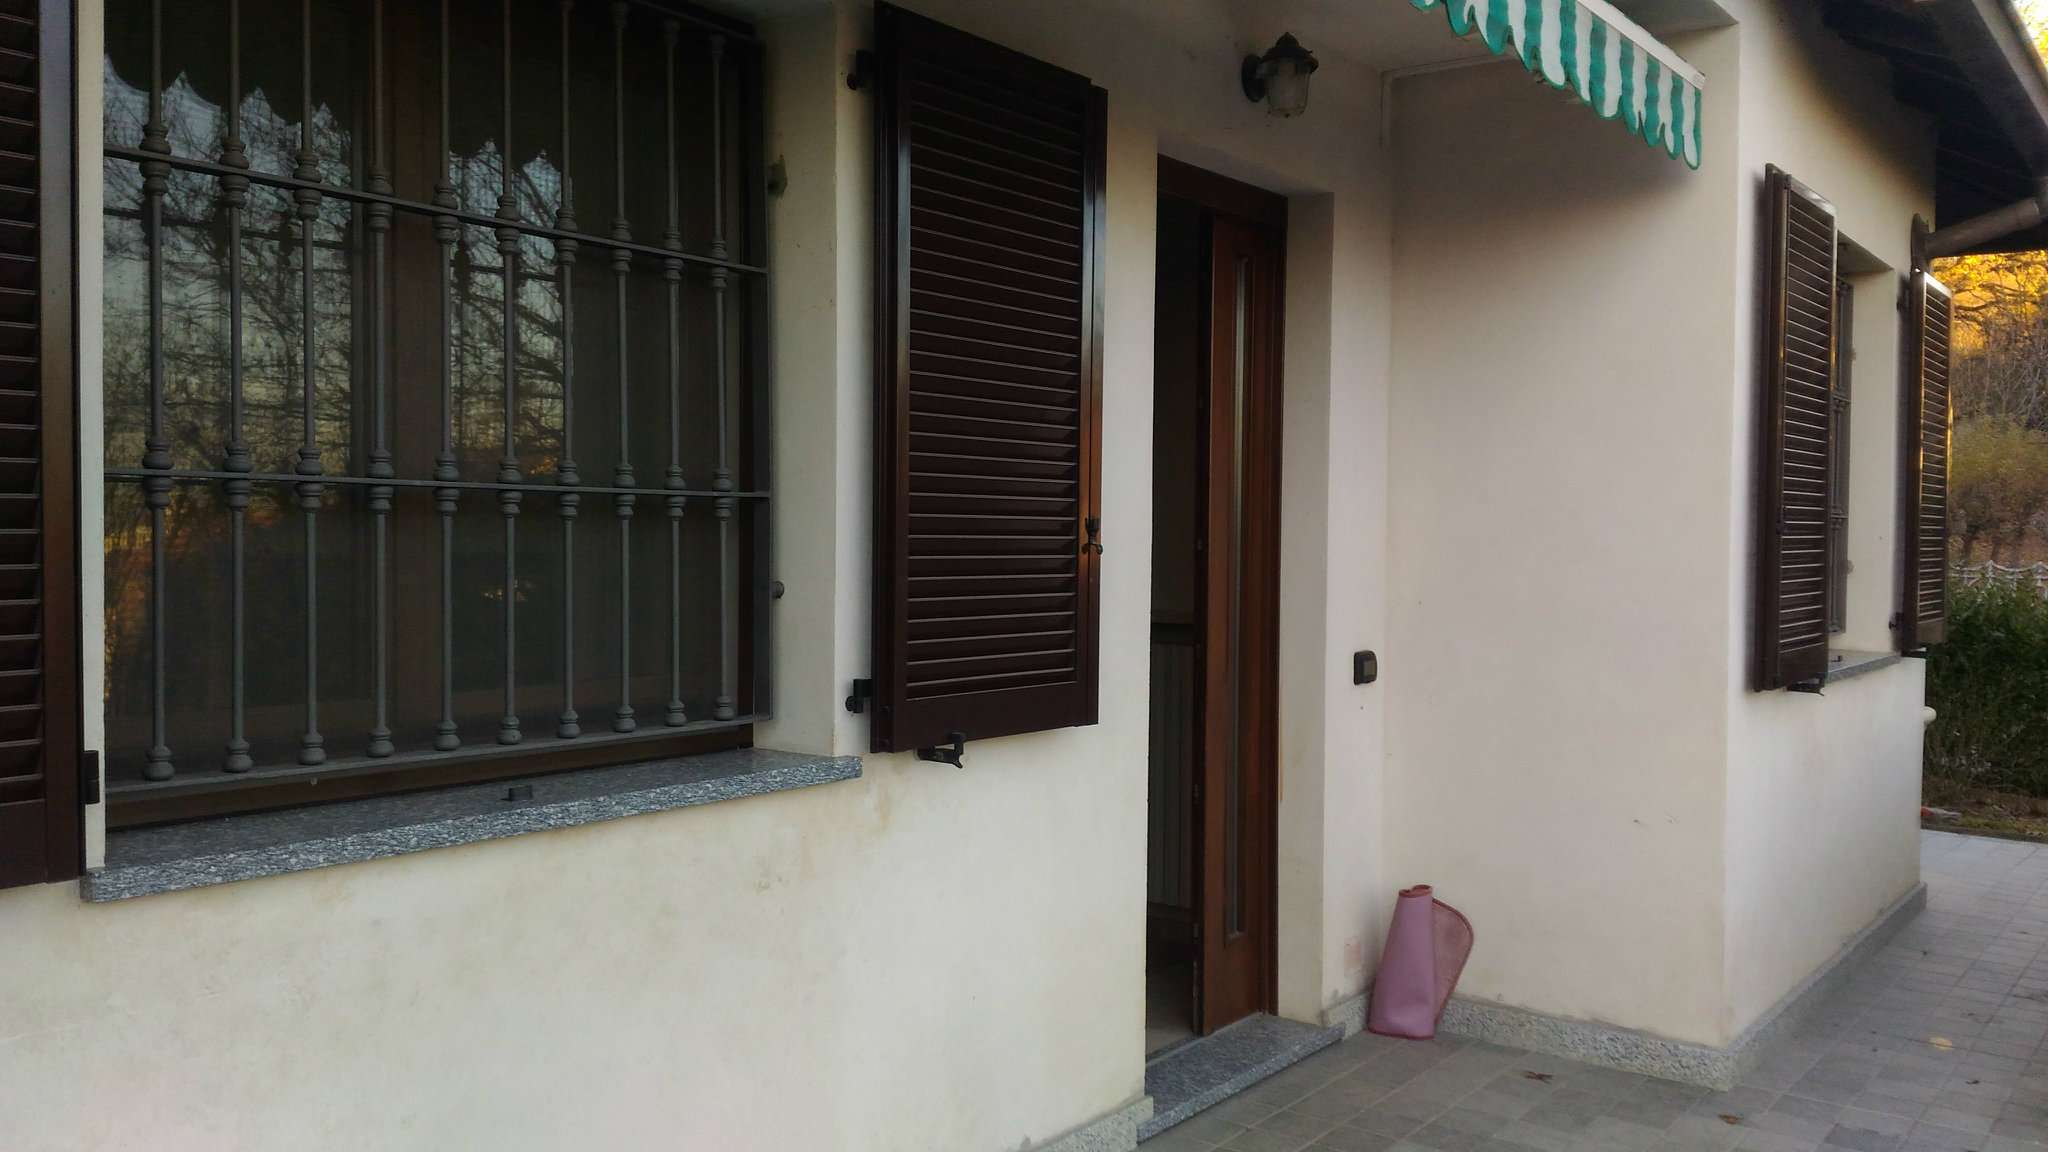 Villa in vendita a Pietra Marazzi, 3 locali, prezzo € 190.000 | CambioCasa.it